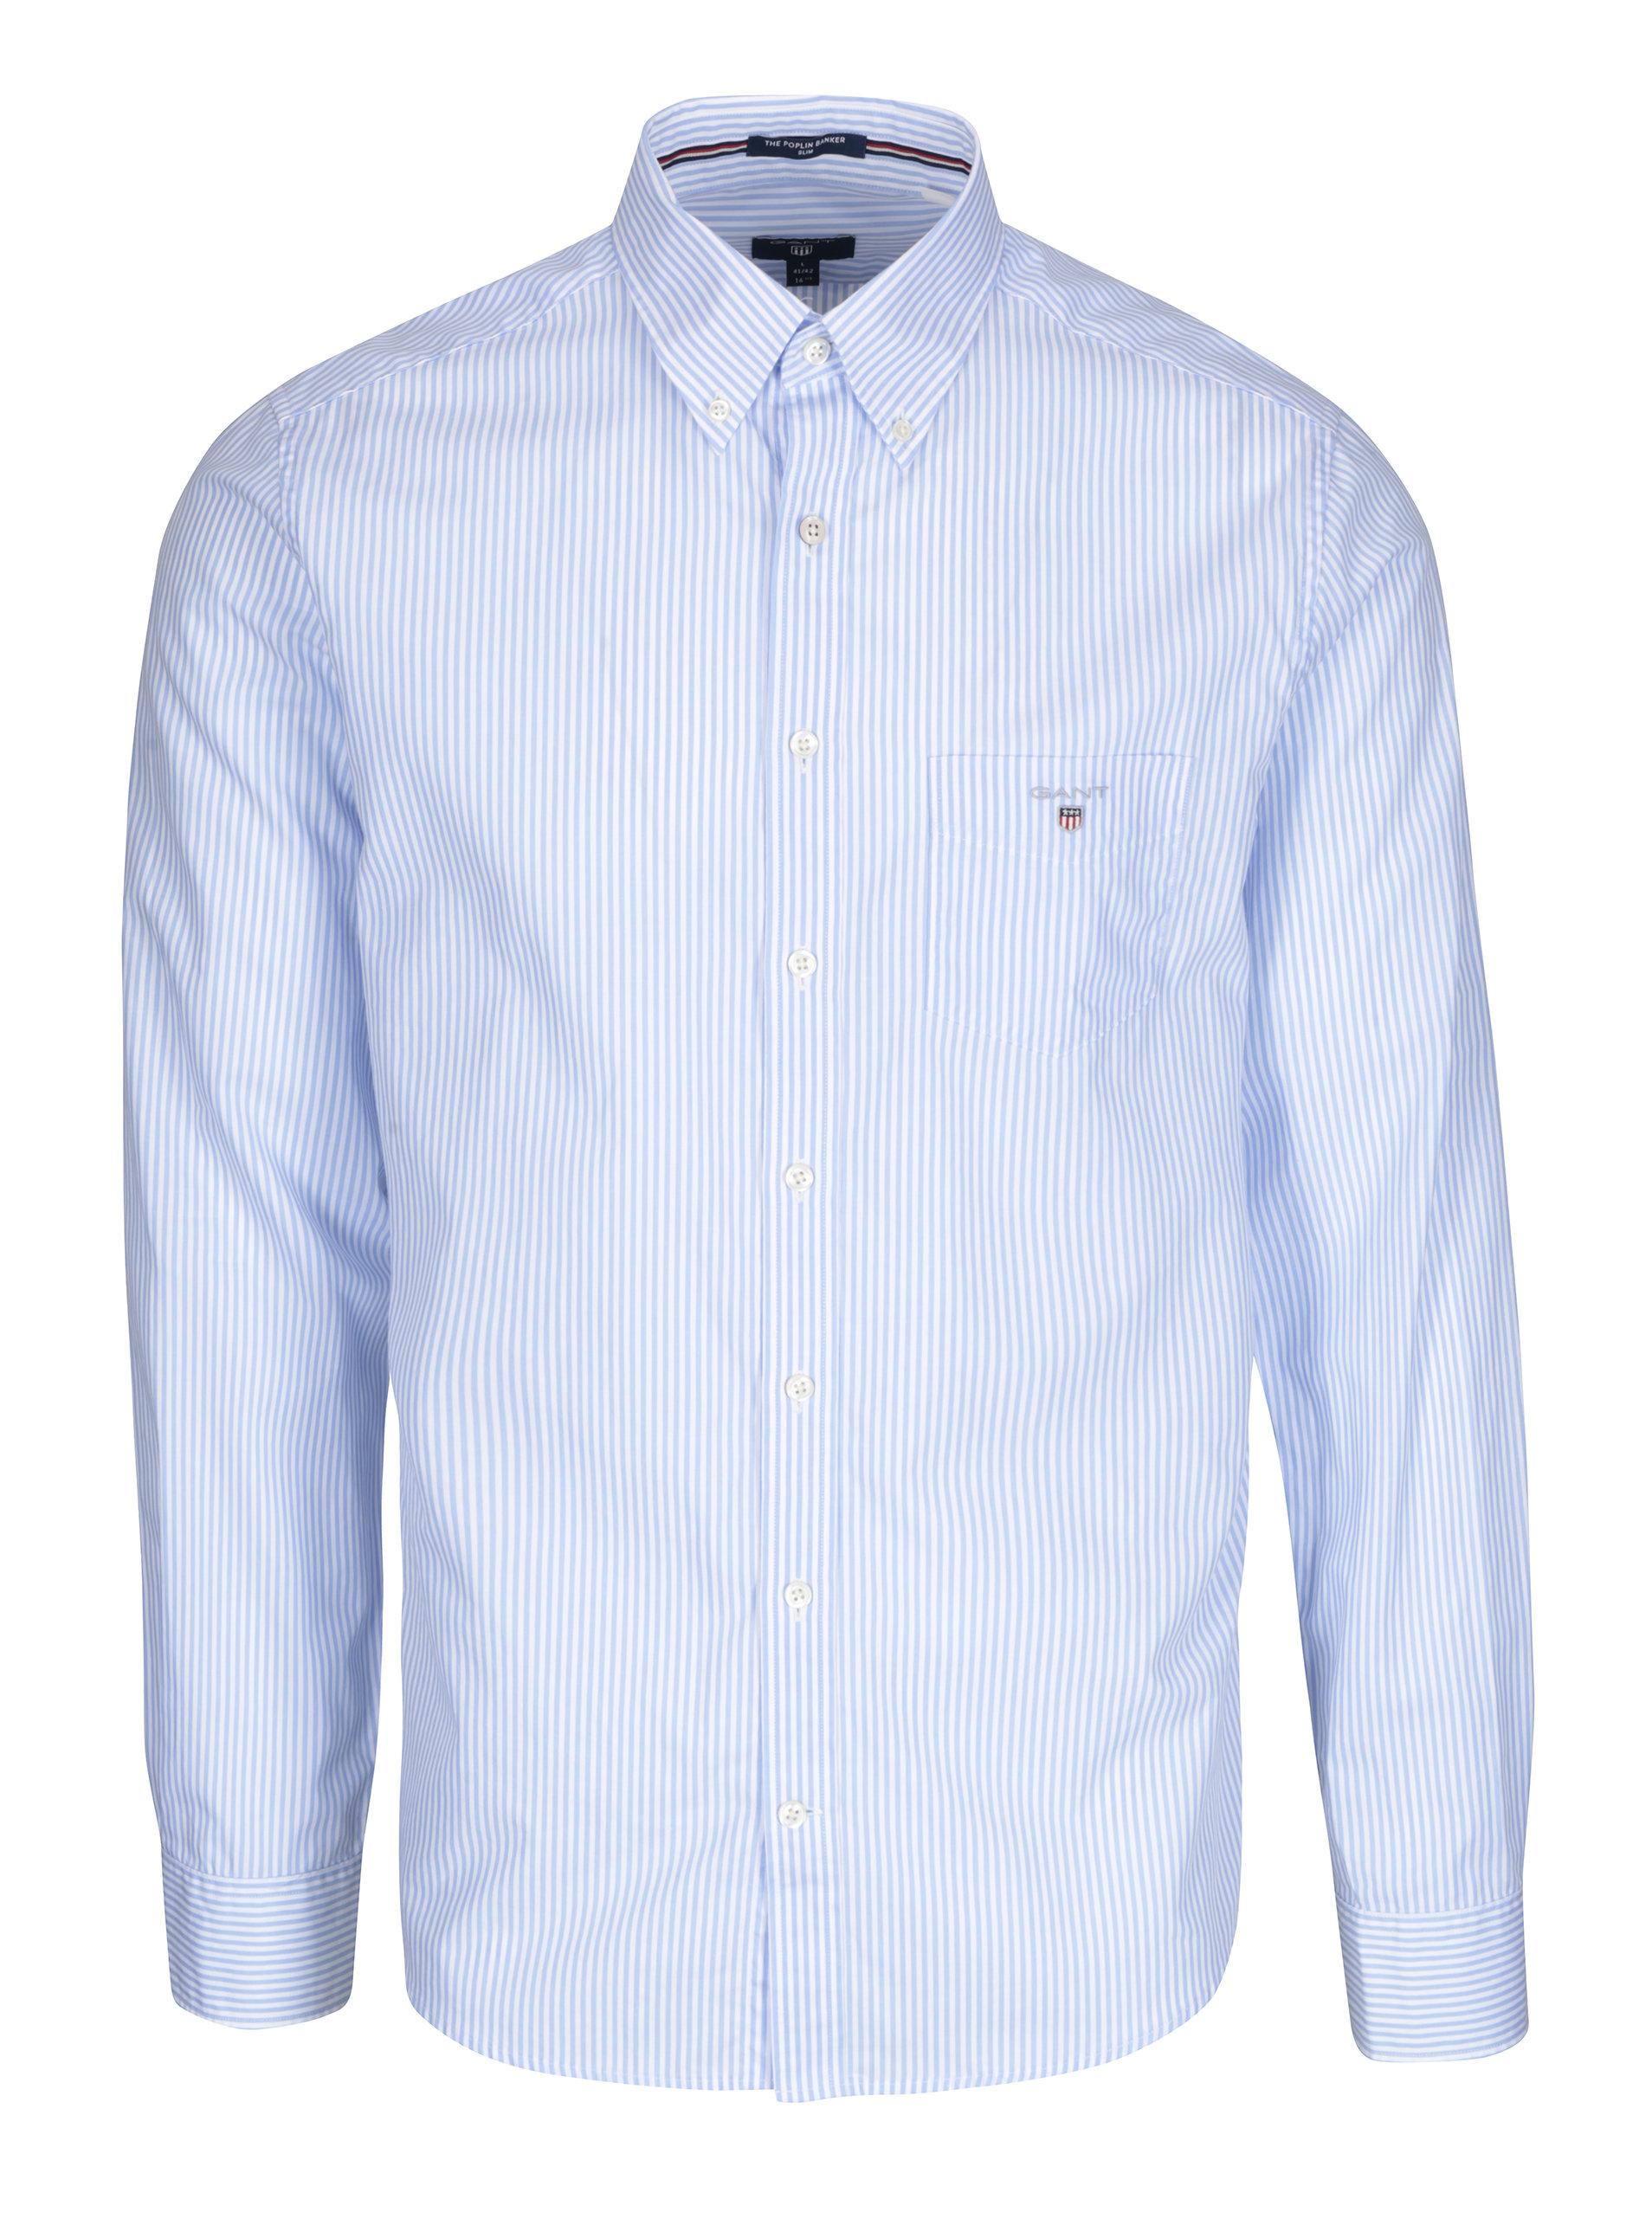 9e237c3787f2 Bielo-modrá pánska pruhovaná formálna slim košeľa GANT ...